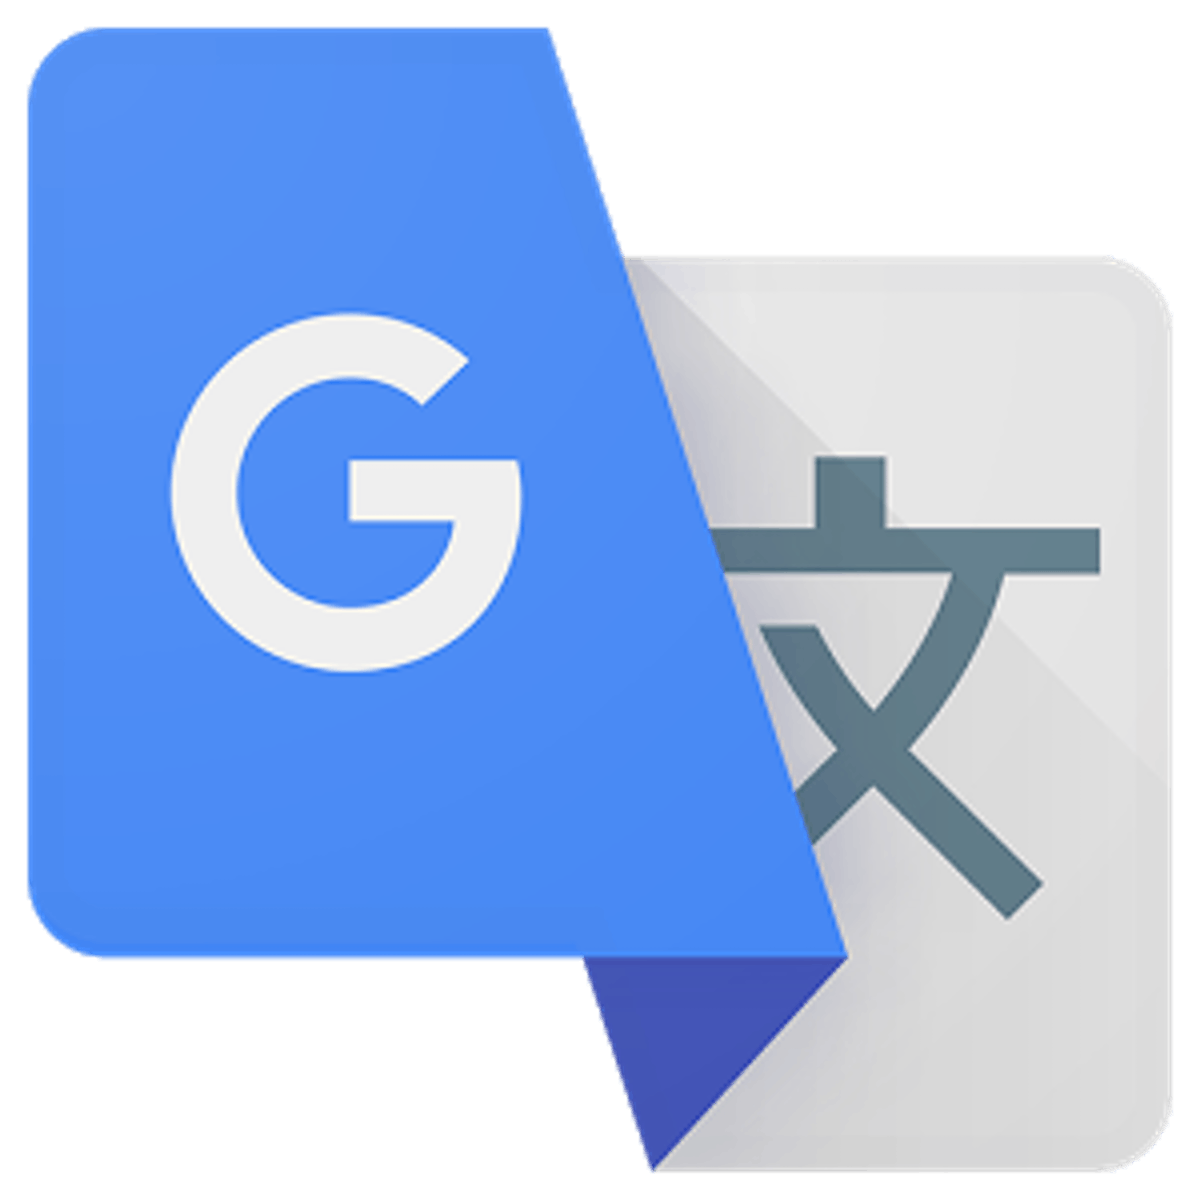 دانلود Google Translate 5.19.0 آپدیت جدید برنامه مترجم گوگل ترنسلیت برای اندروید + آیفون